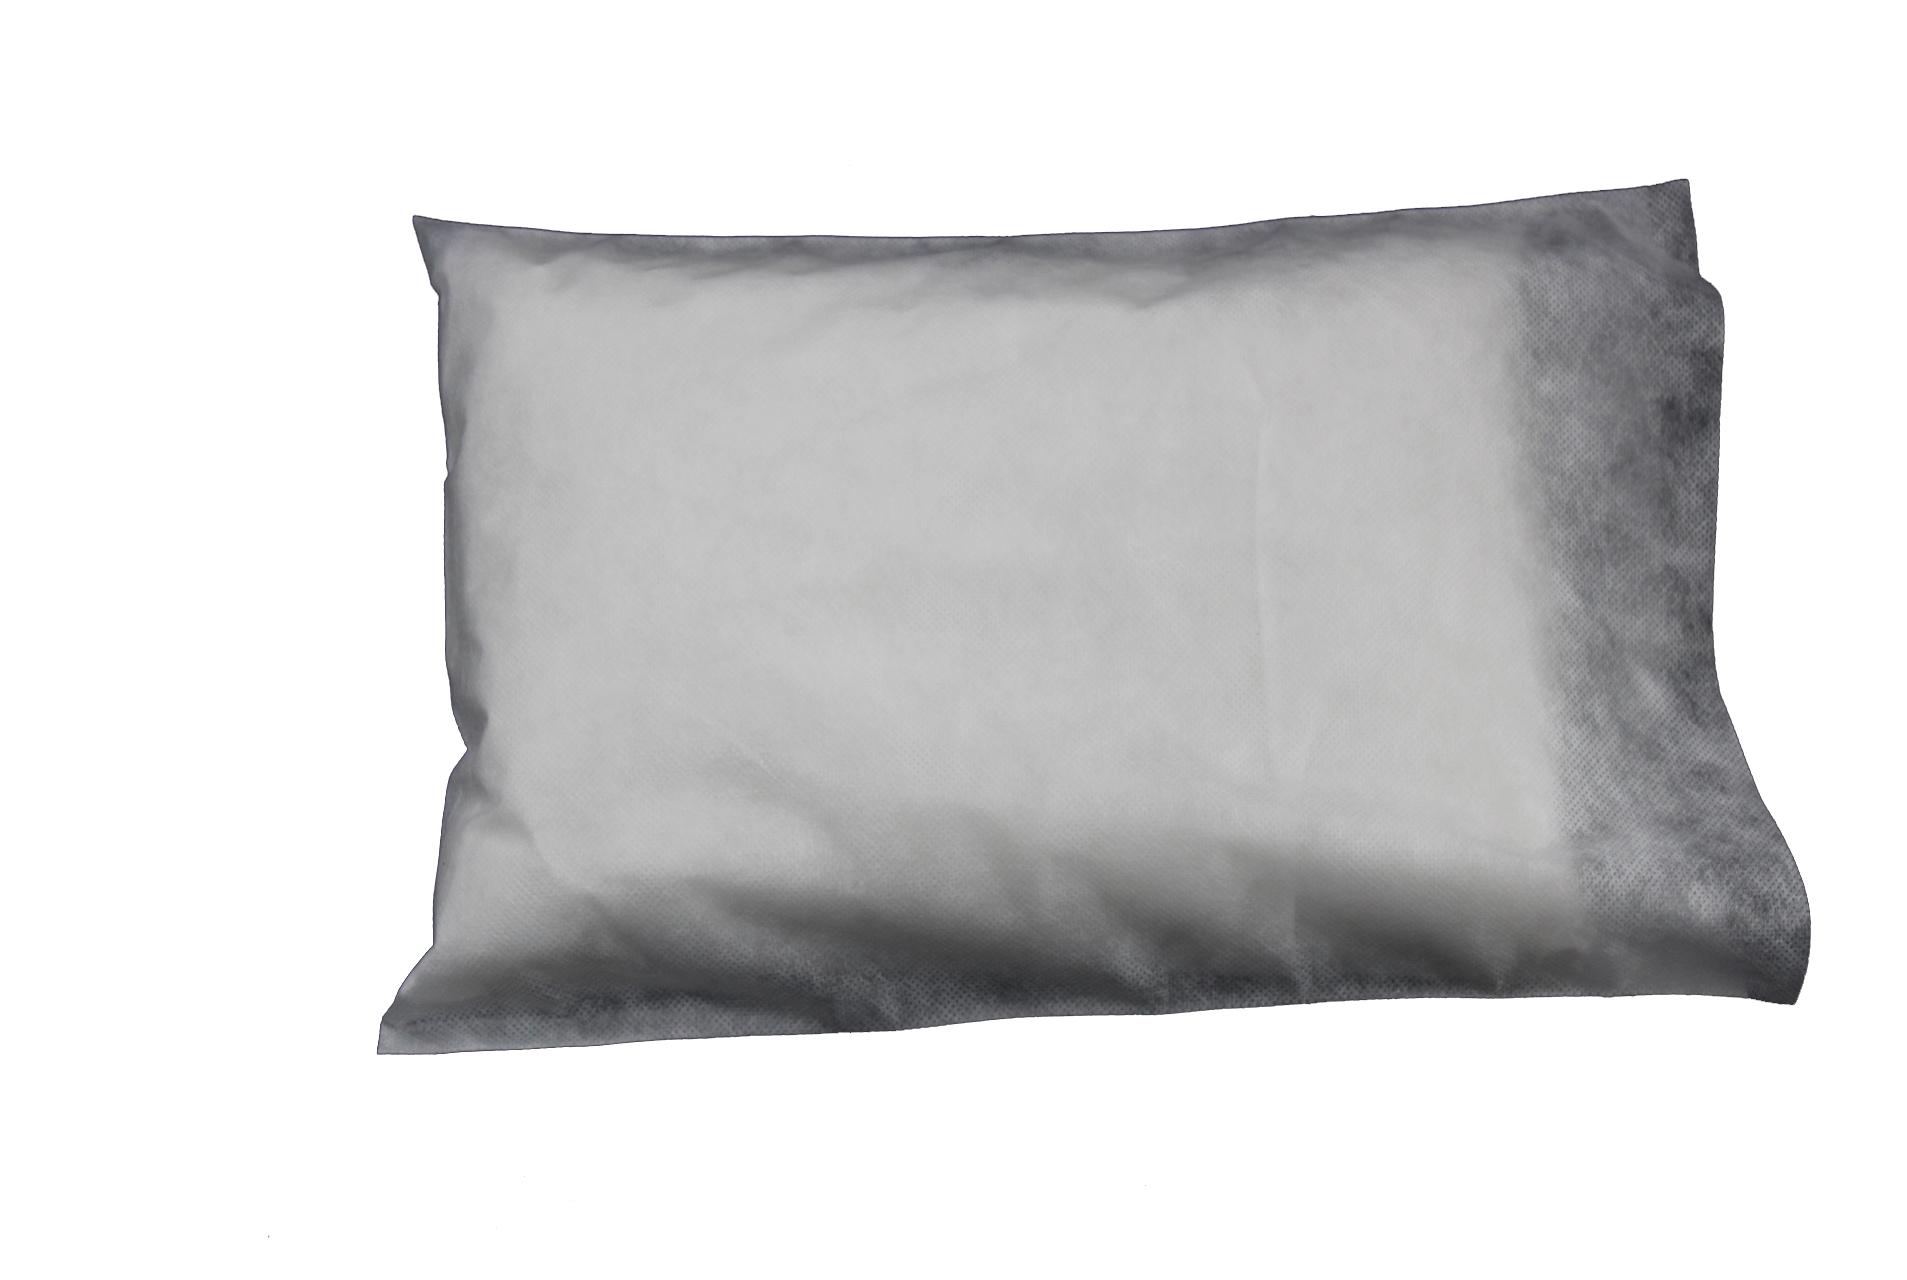 Pillows & Cases